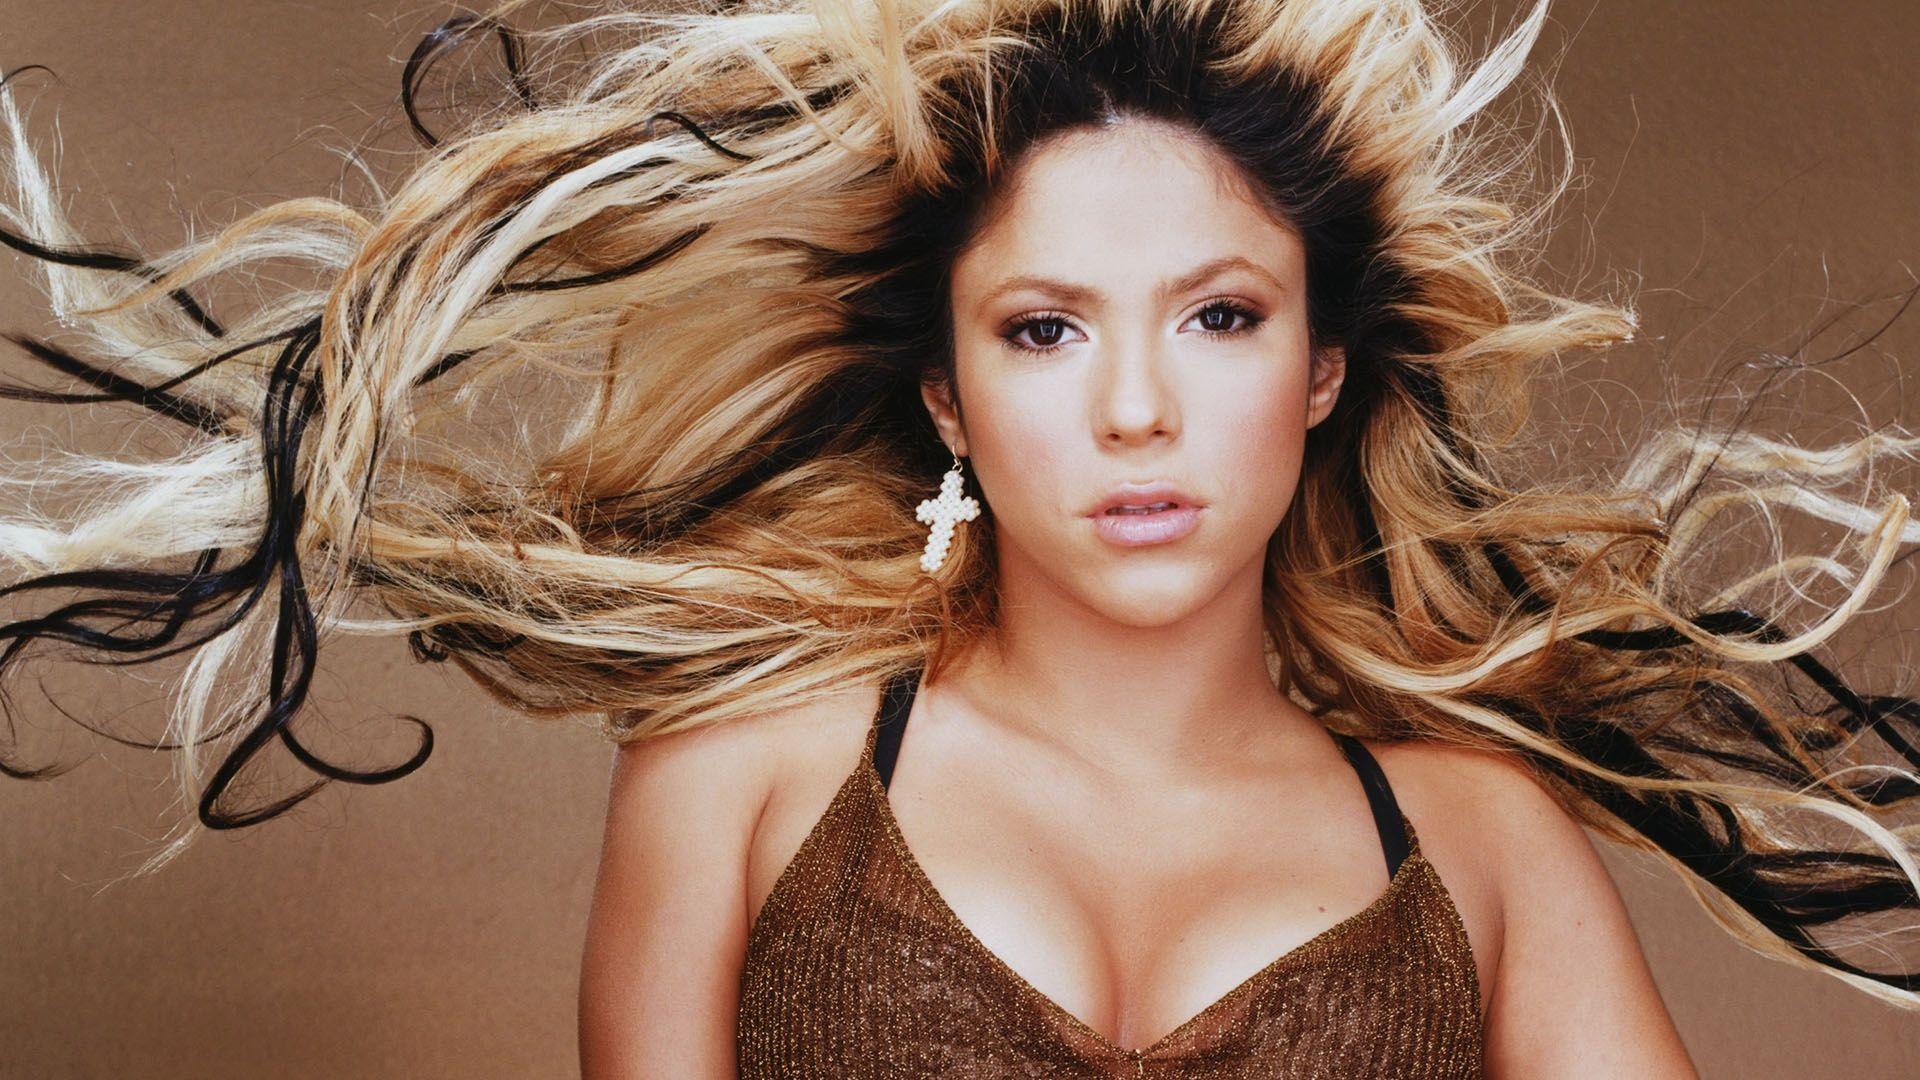 Download Wallpaper 1920x1080 Shakira Earrings Hair Dress Chest Full Hd 1080p Hd Background Shakira Shakira Hips Shakira Hips Dont Lie